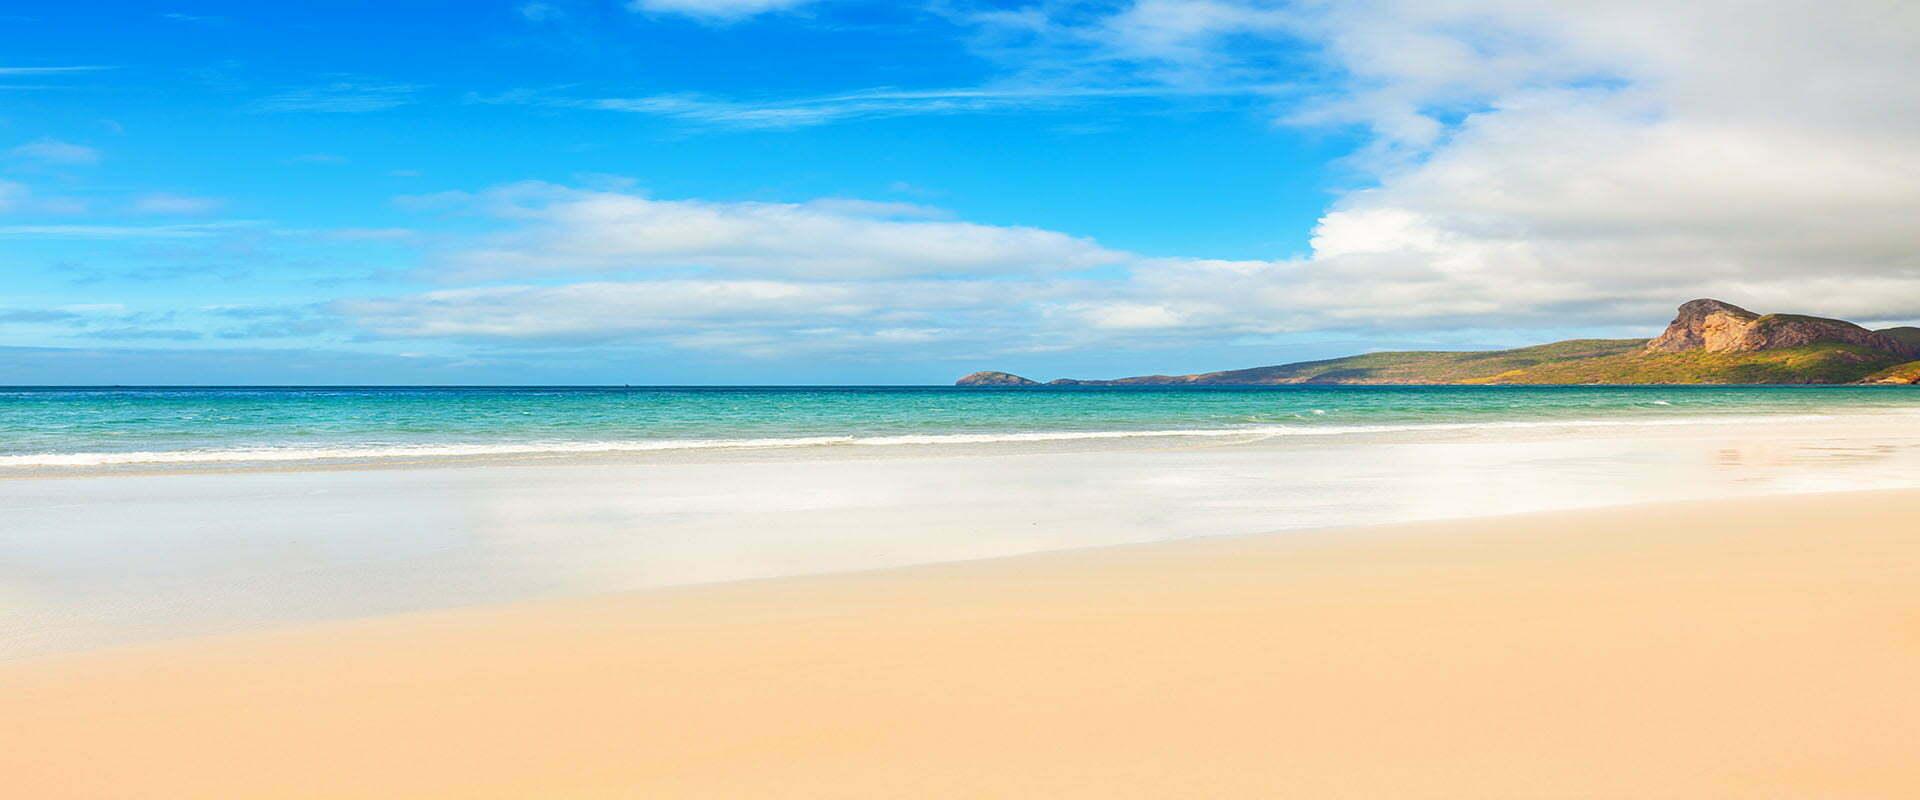 Plage de sable fin, eau turquoise et ciel bleu à Con Dao